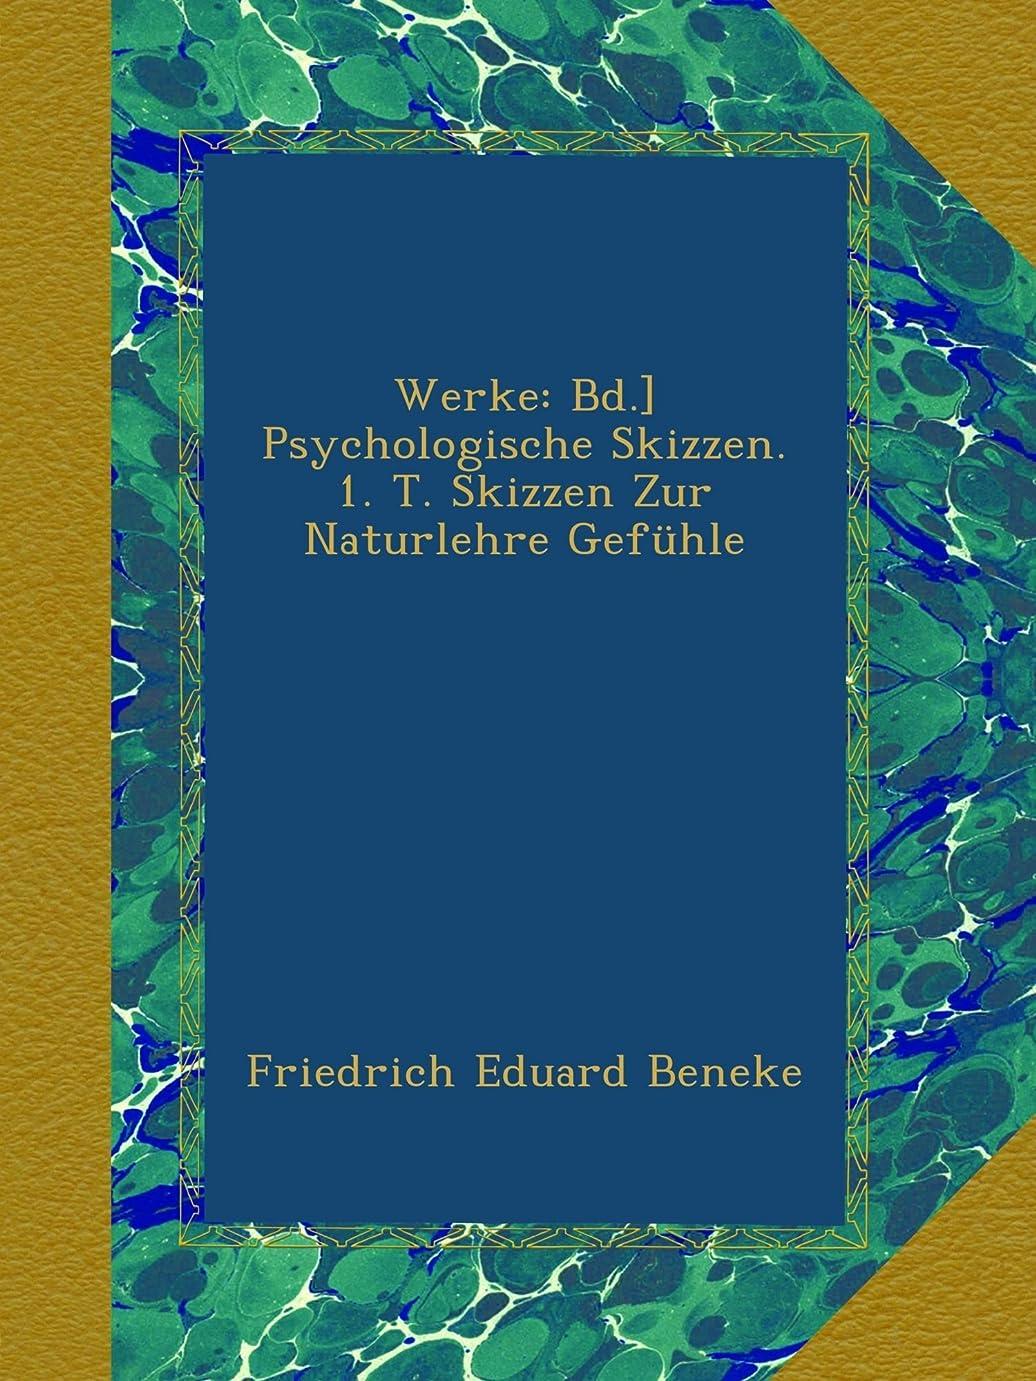 デモンストレーション親密な幻想的Werke: Bd.] Psychologische Skizzen. 1. T. Skizzen Zur Naturlehre Gefuehle